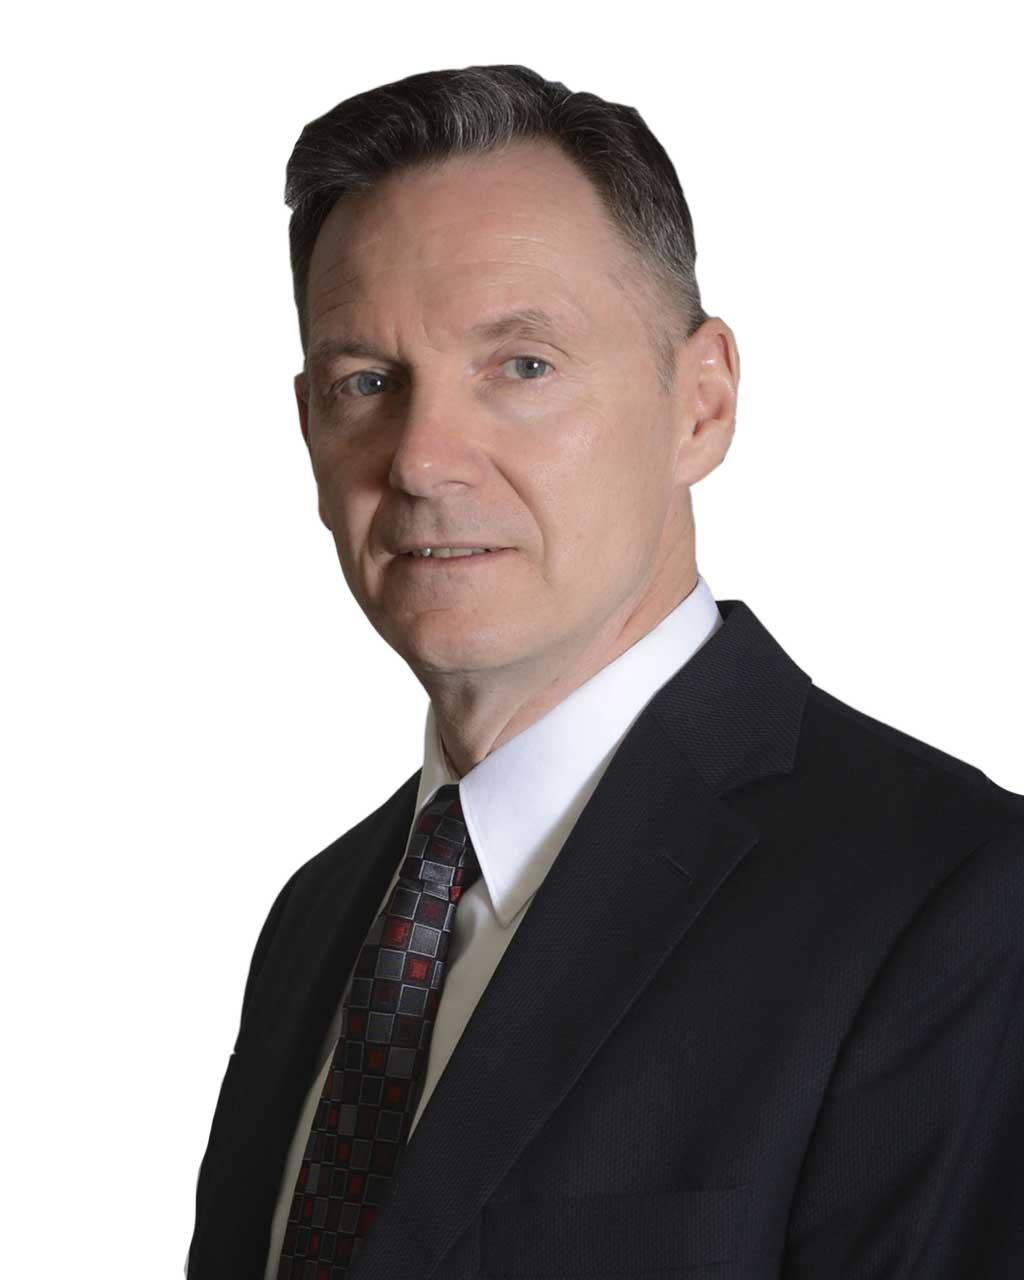 Kevin J. Ferland